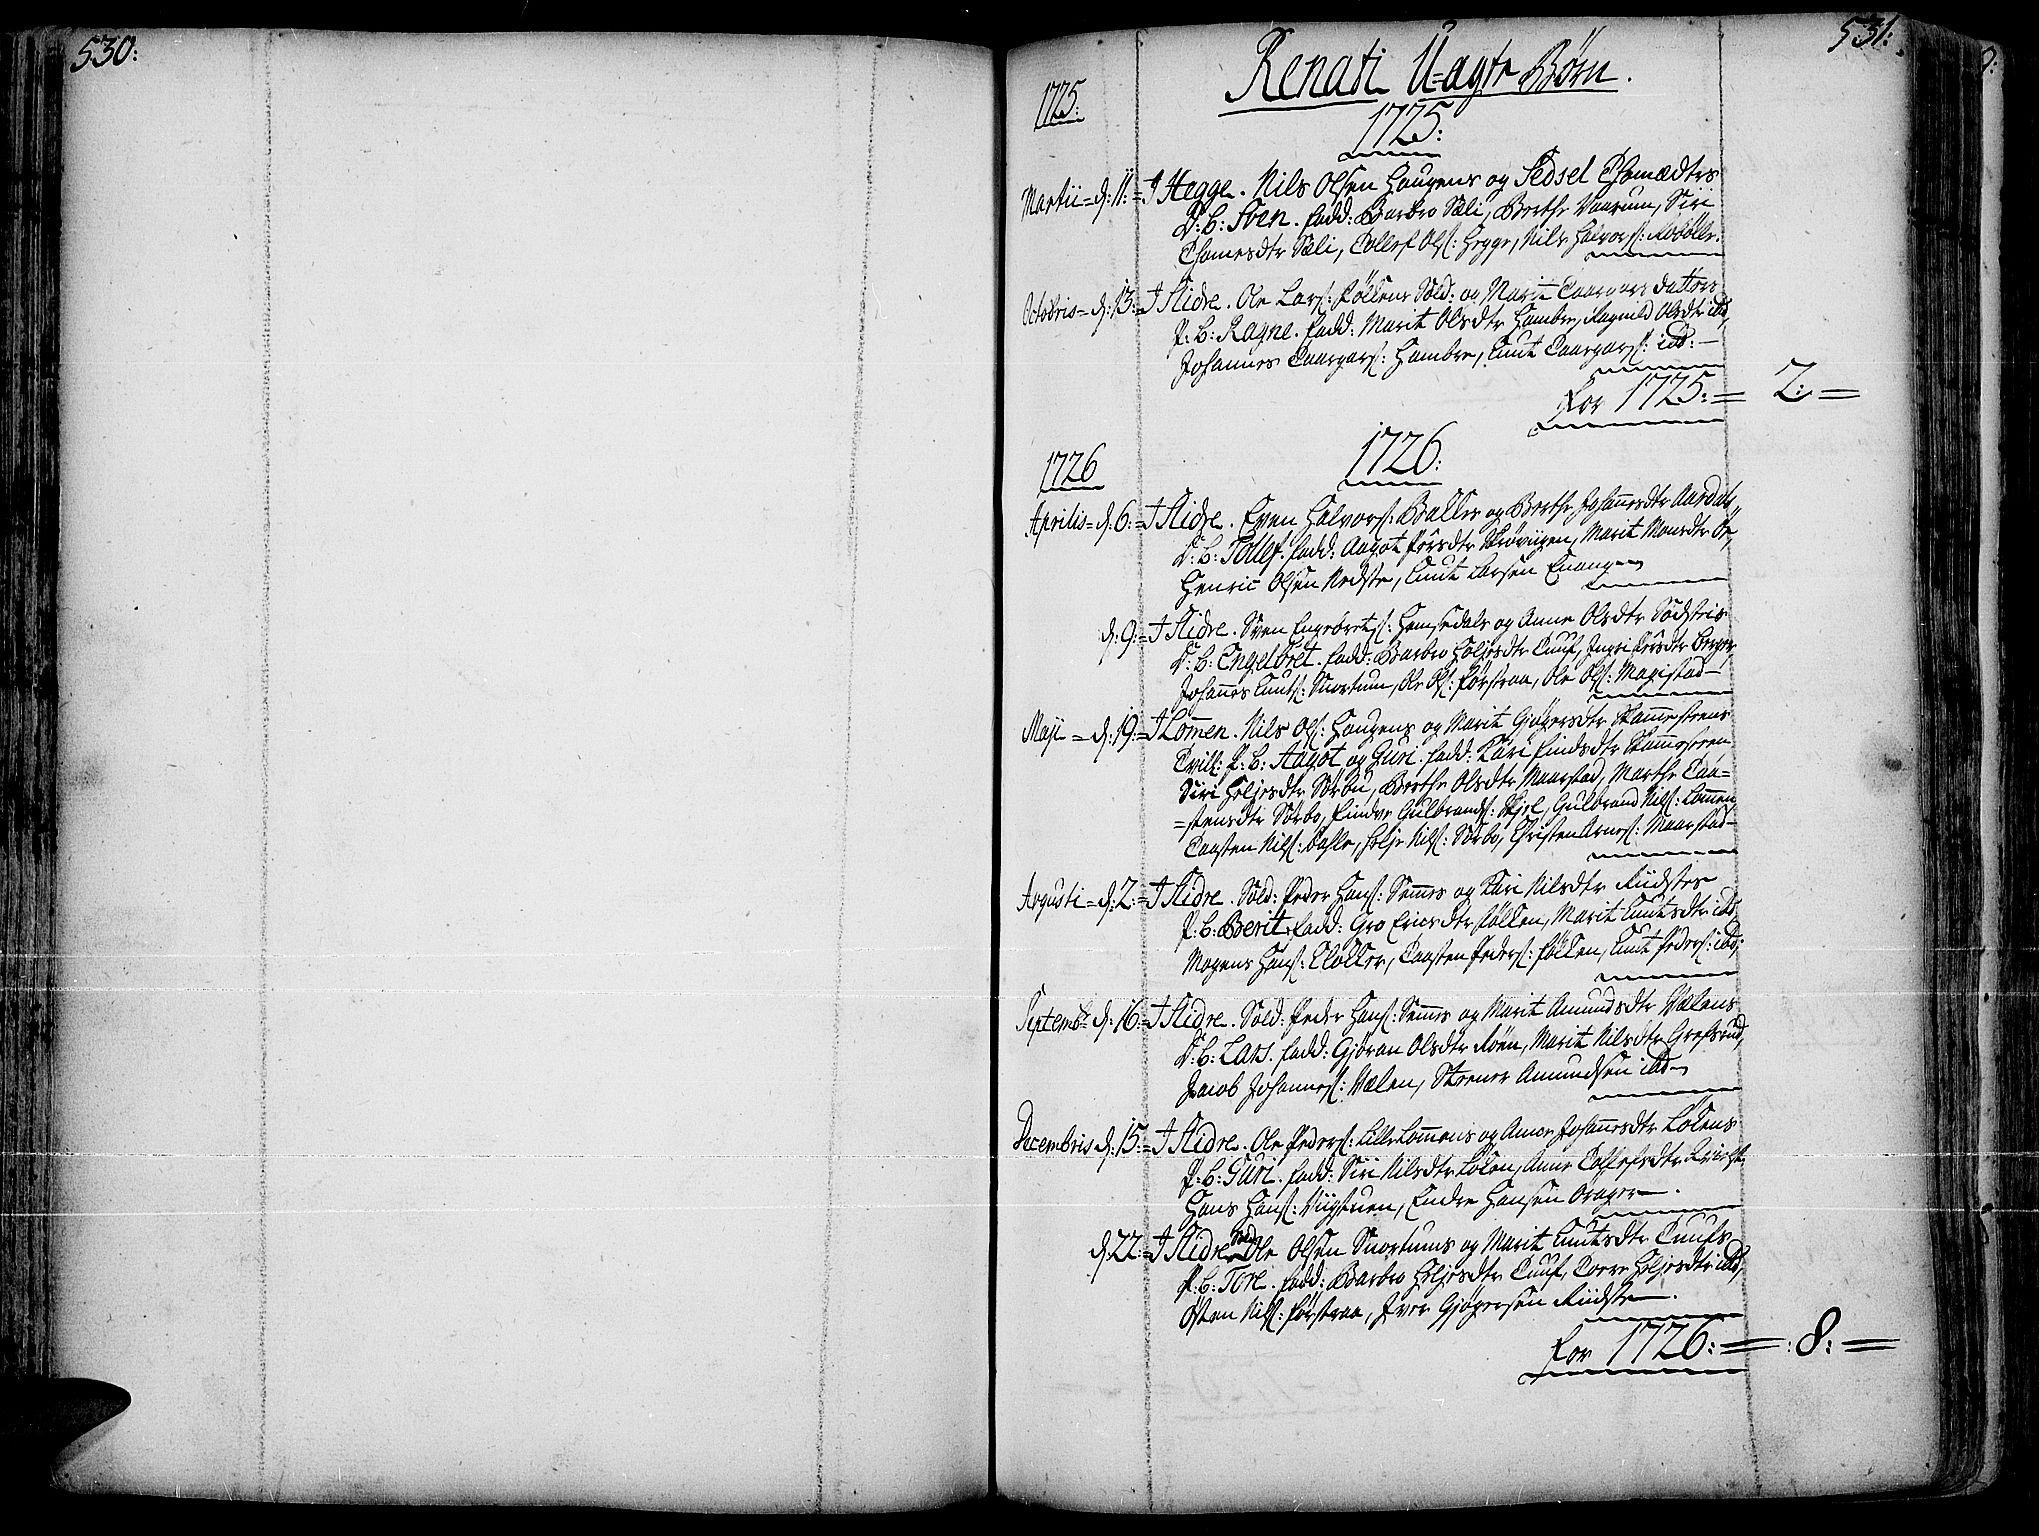 SAH, Slidre prestekontor, Ministerialbok nr. 1, 1724-1814, s. 530-531